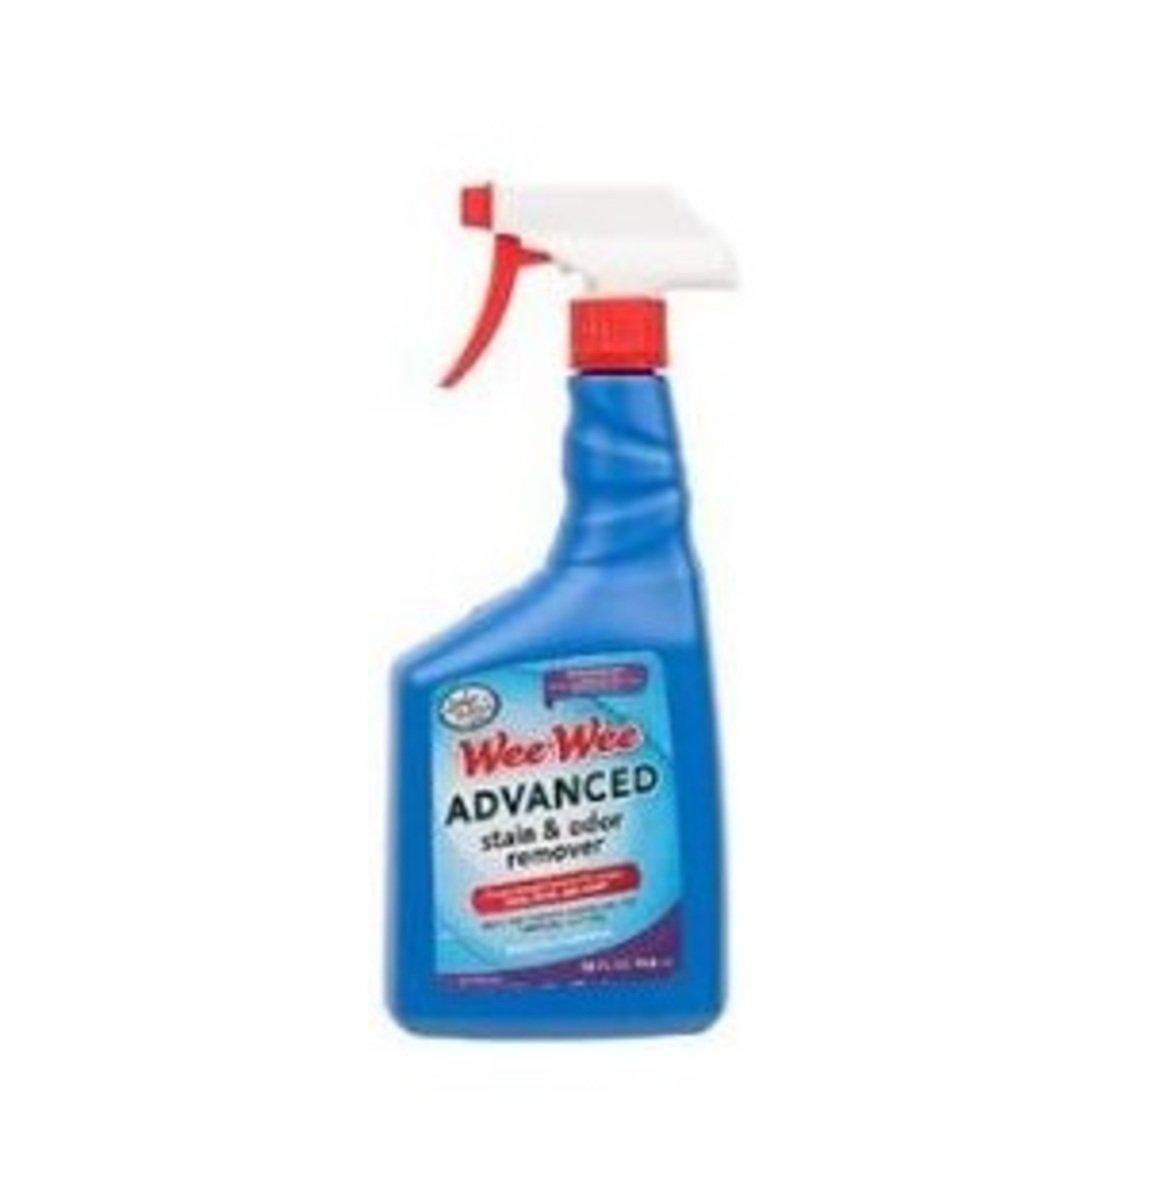 四爪強效去污除臭噴劑